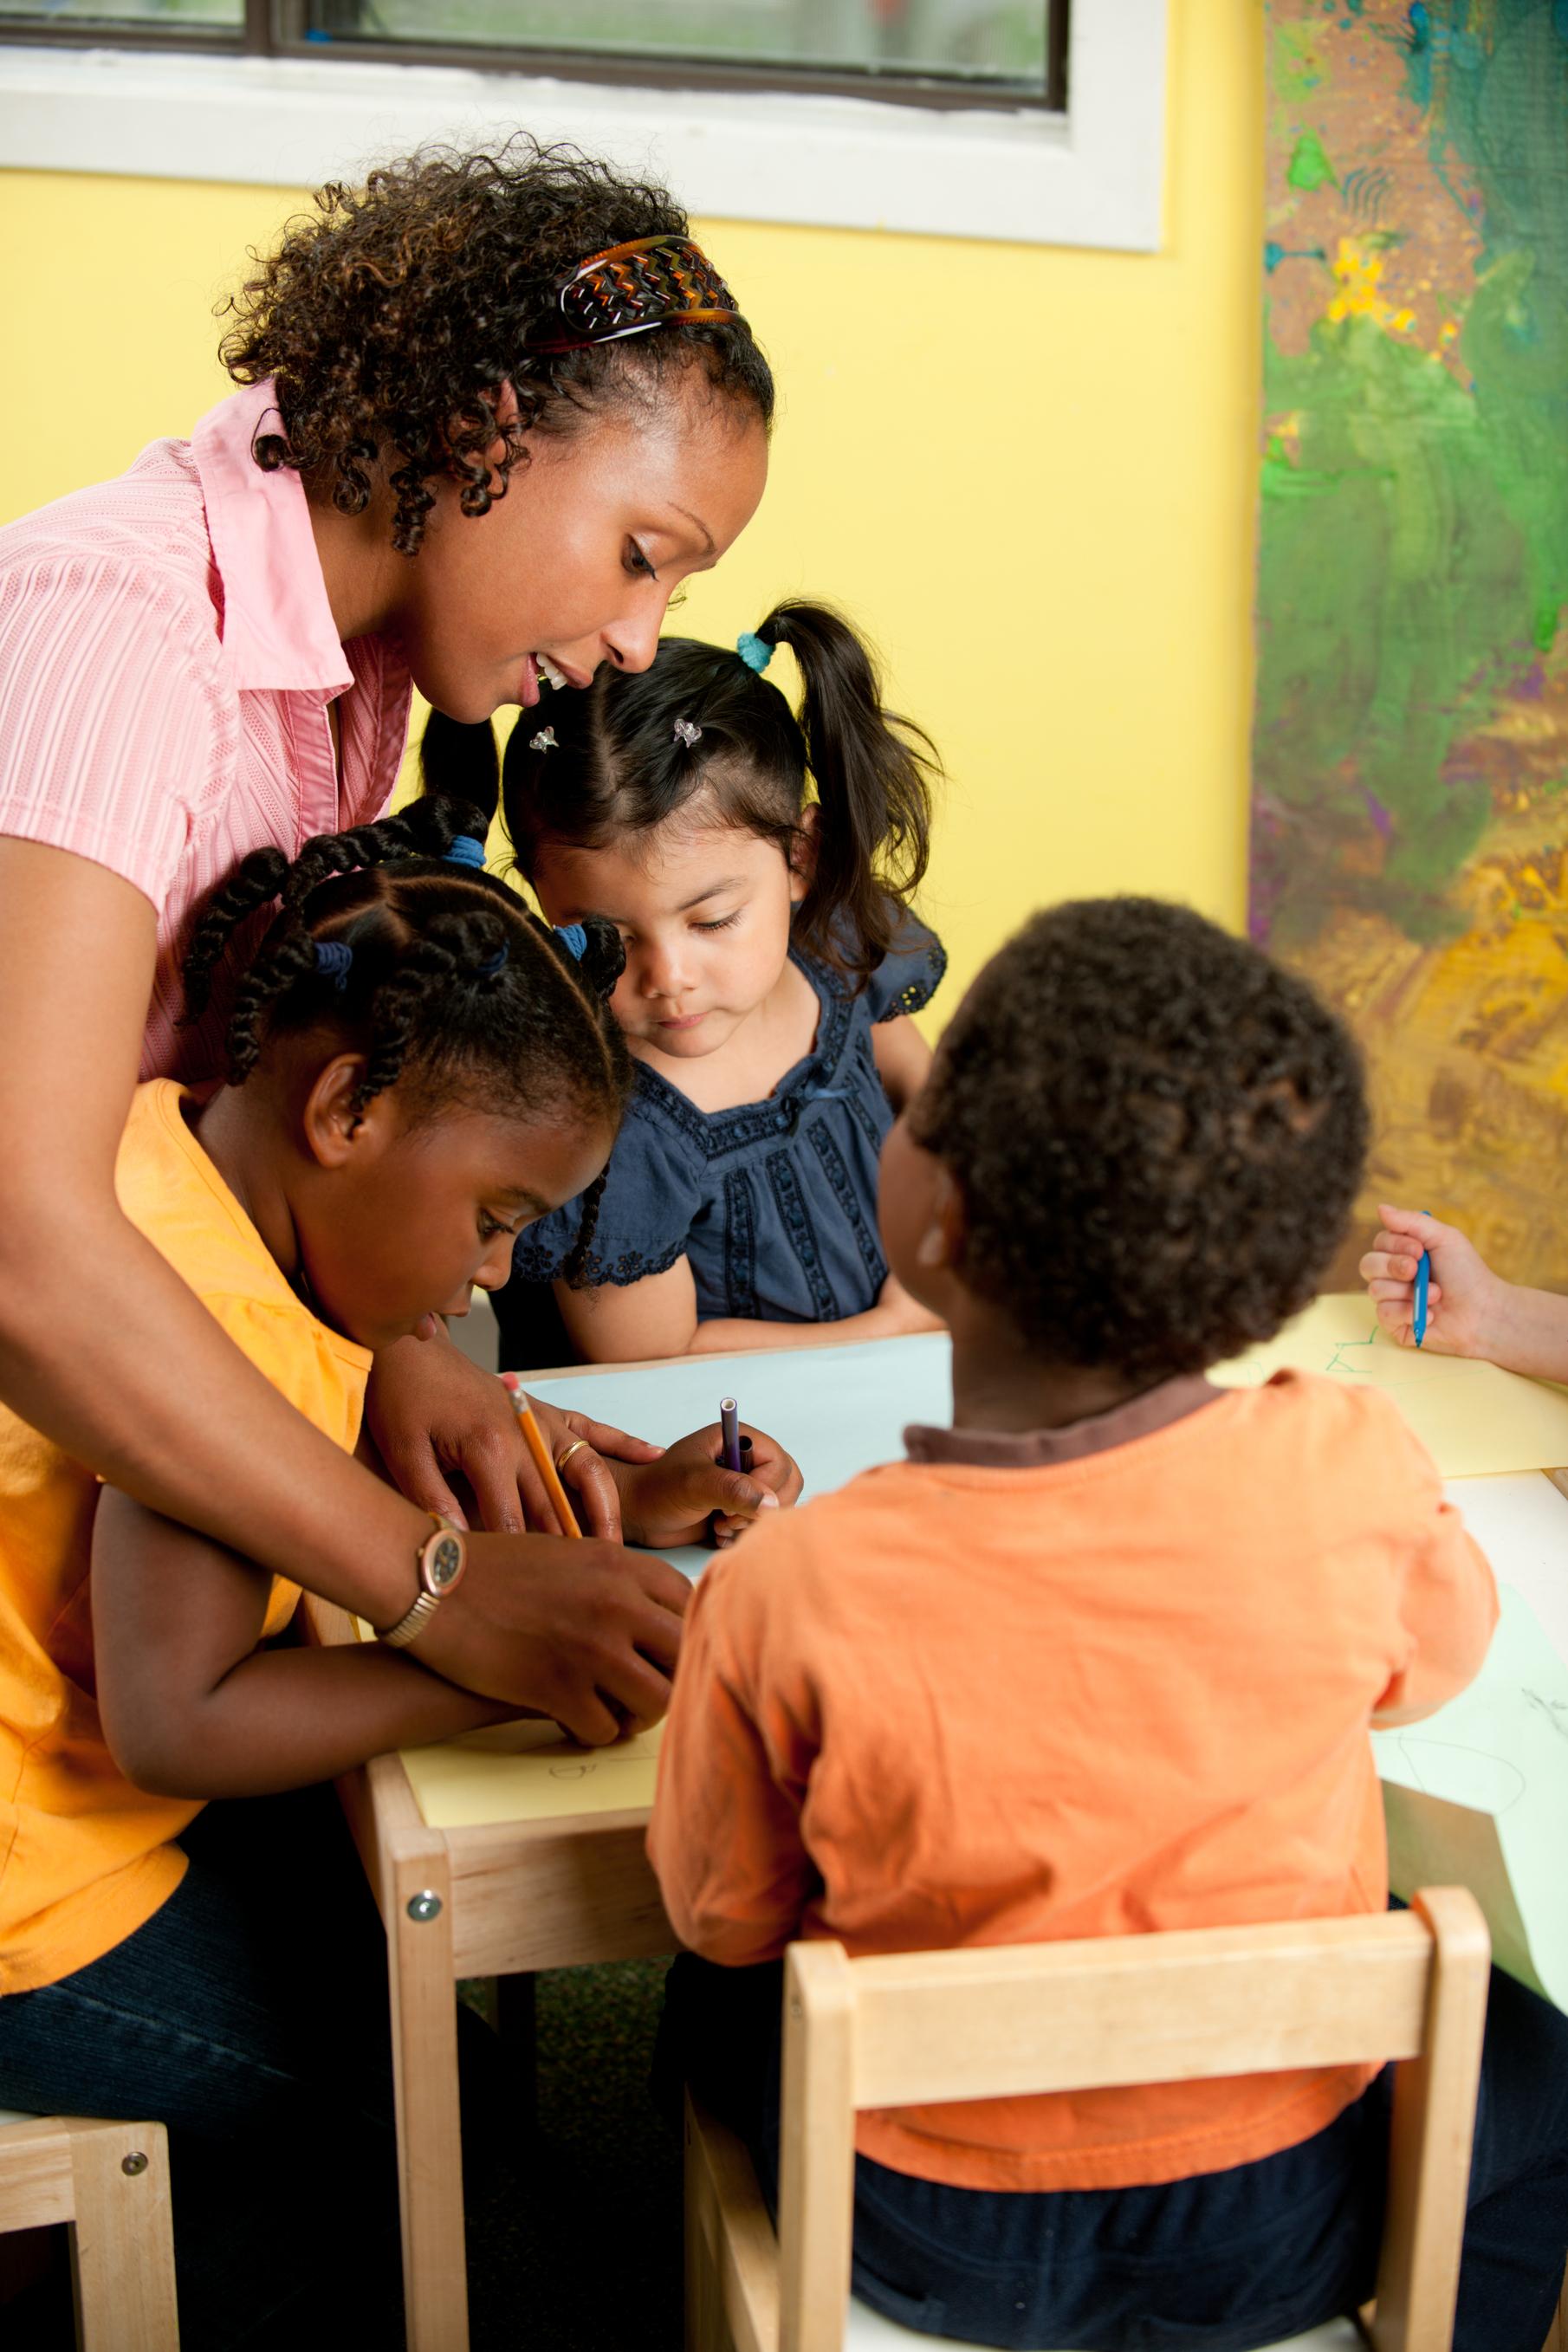 Preschool-000018232563_Large.jpg